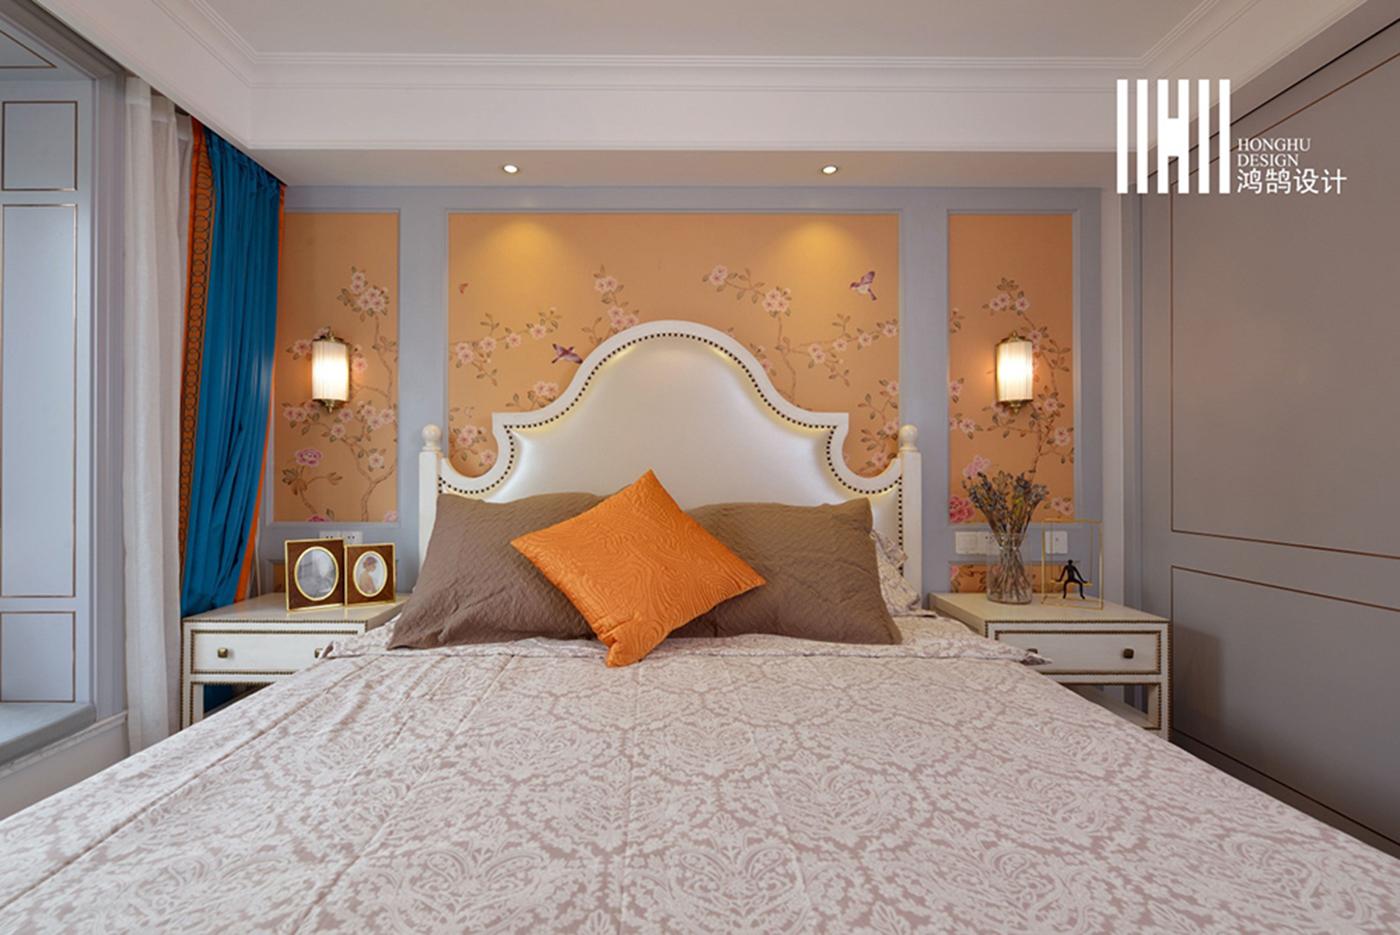 138平米四居室床头背景墙装修效果图